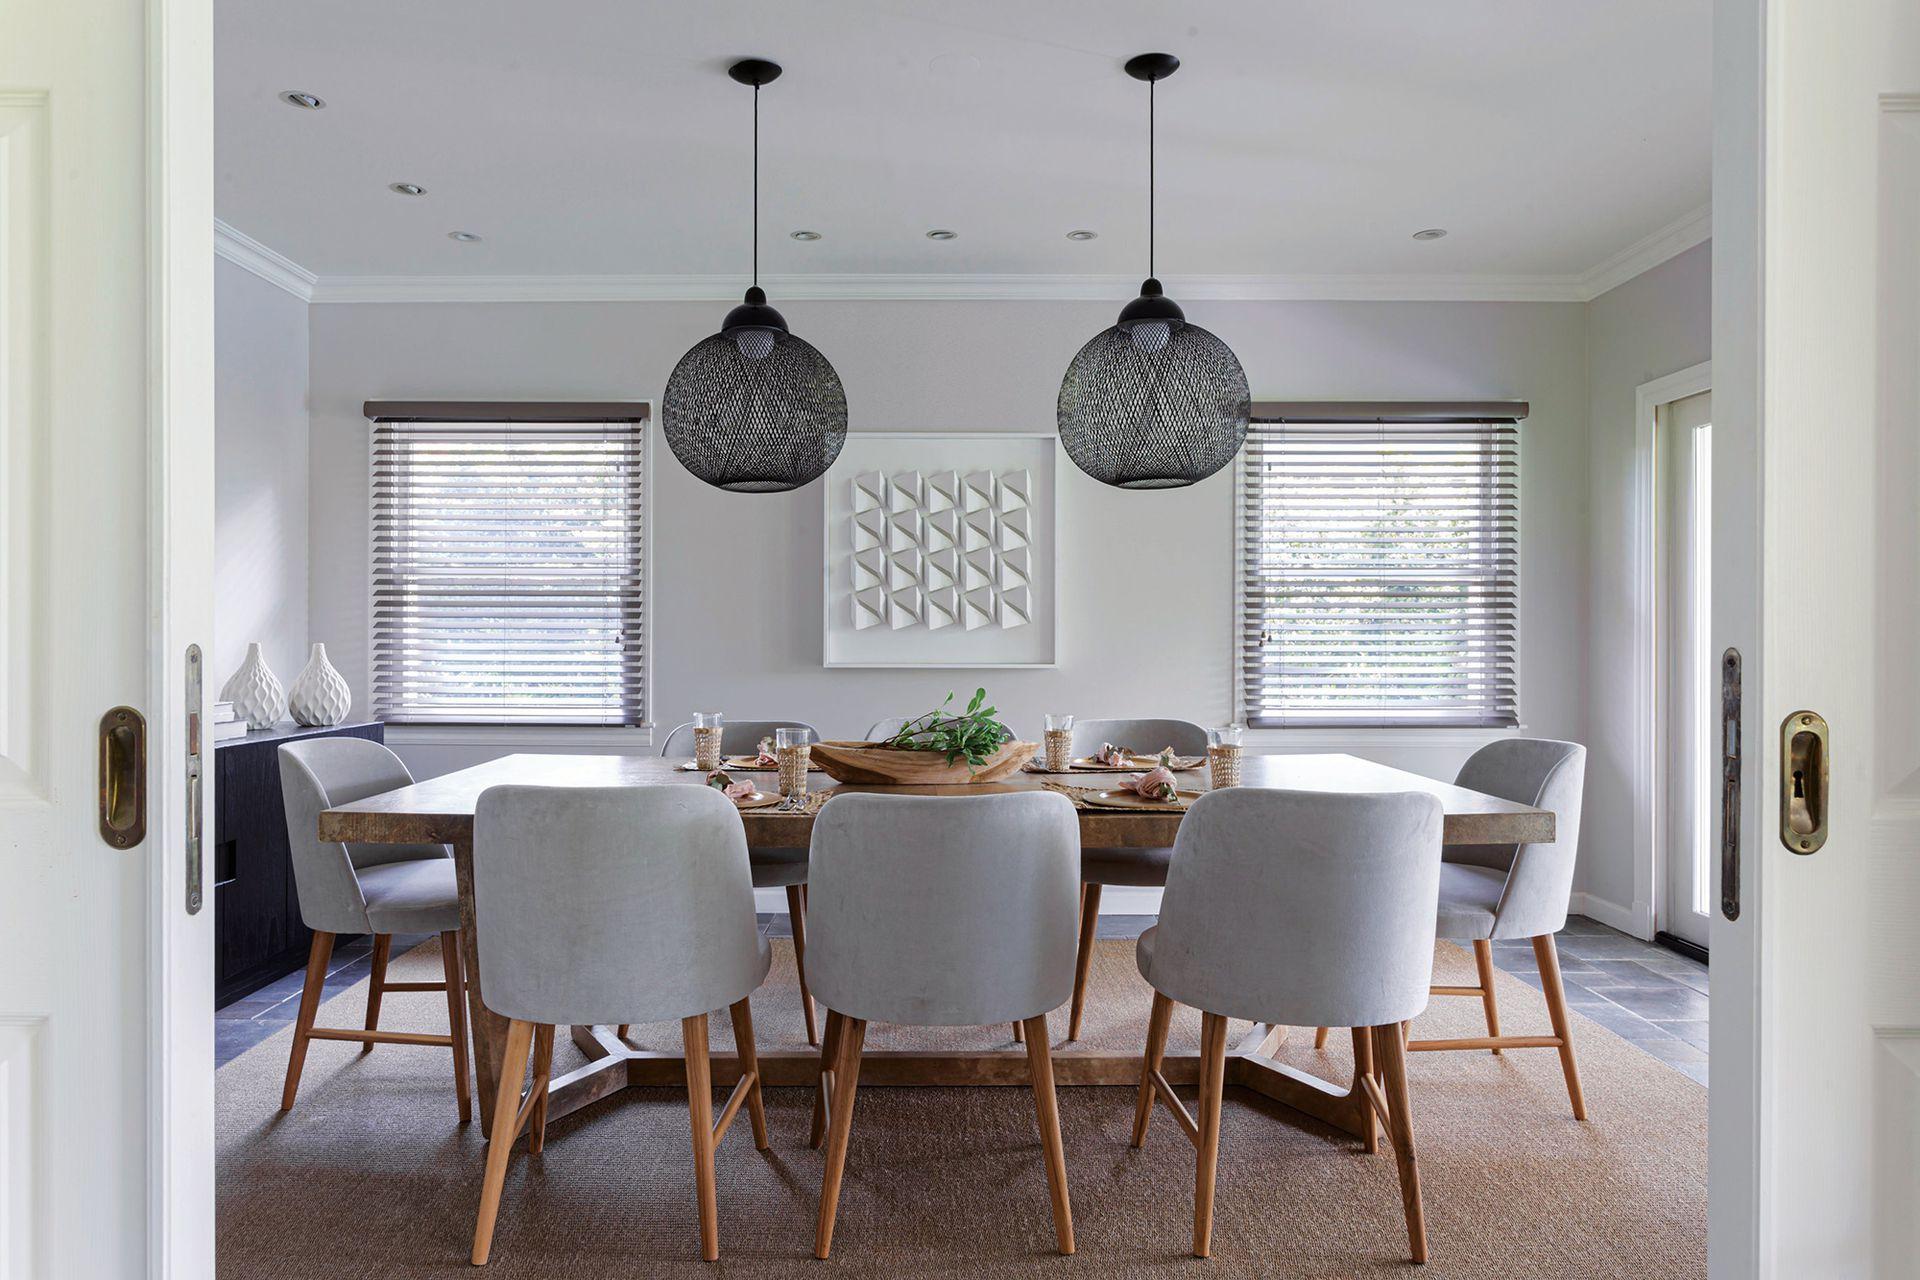 Mesa con tapa de cuero (Harturo). Sillas con estructura de petiribí tapizadas en pana gris y fundas de lino lavables del mismo color.